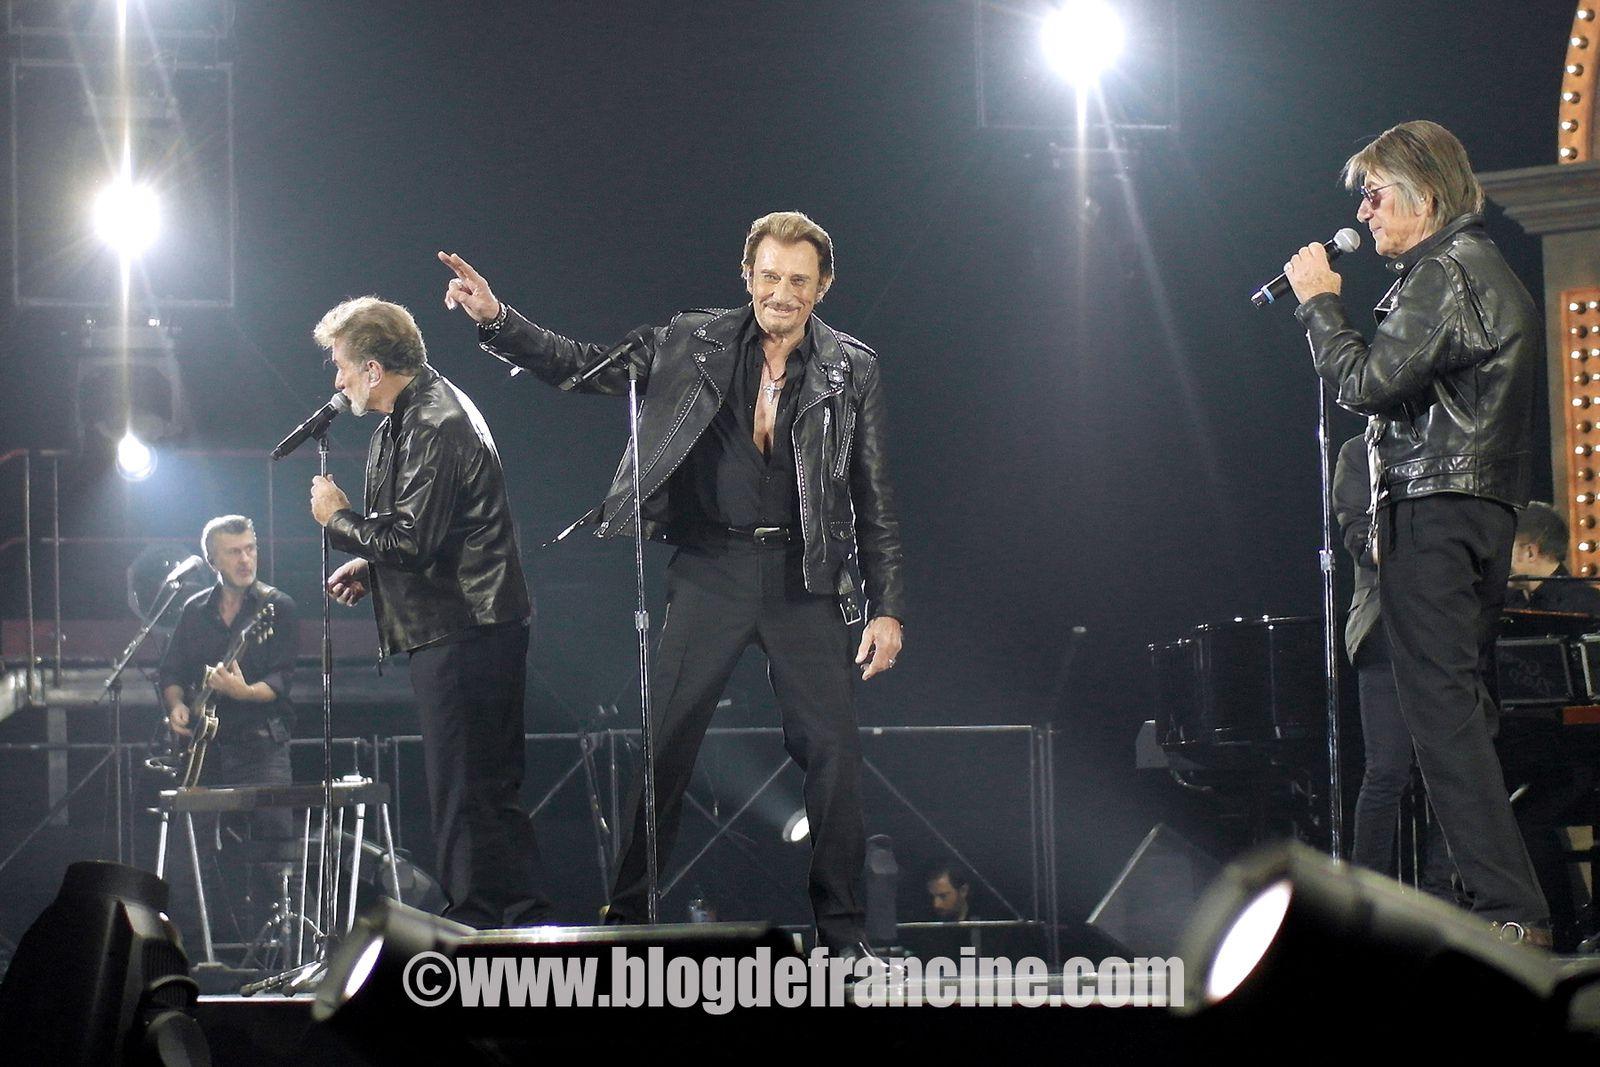 Trois complices depuis les années 60, ensemble sur scène en 2014: Eddy Michell, Johnny Hallyday, Jacques Dutronc